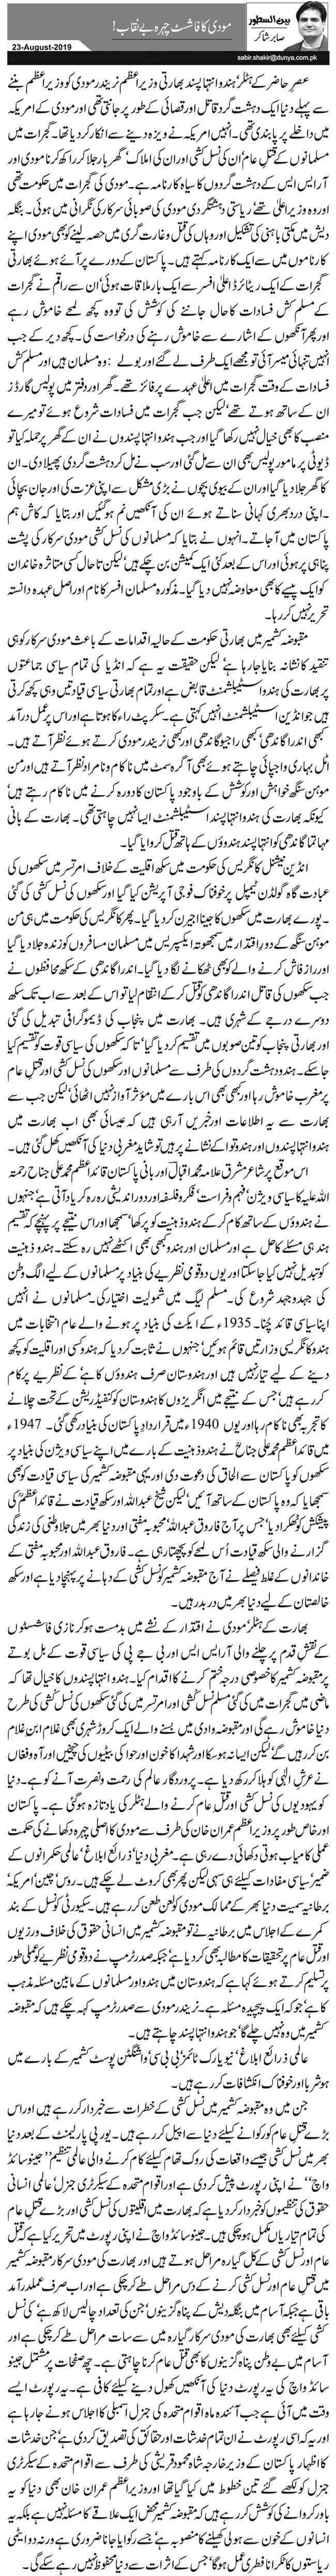 Sabir Shakir column today